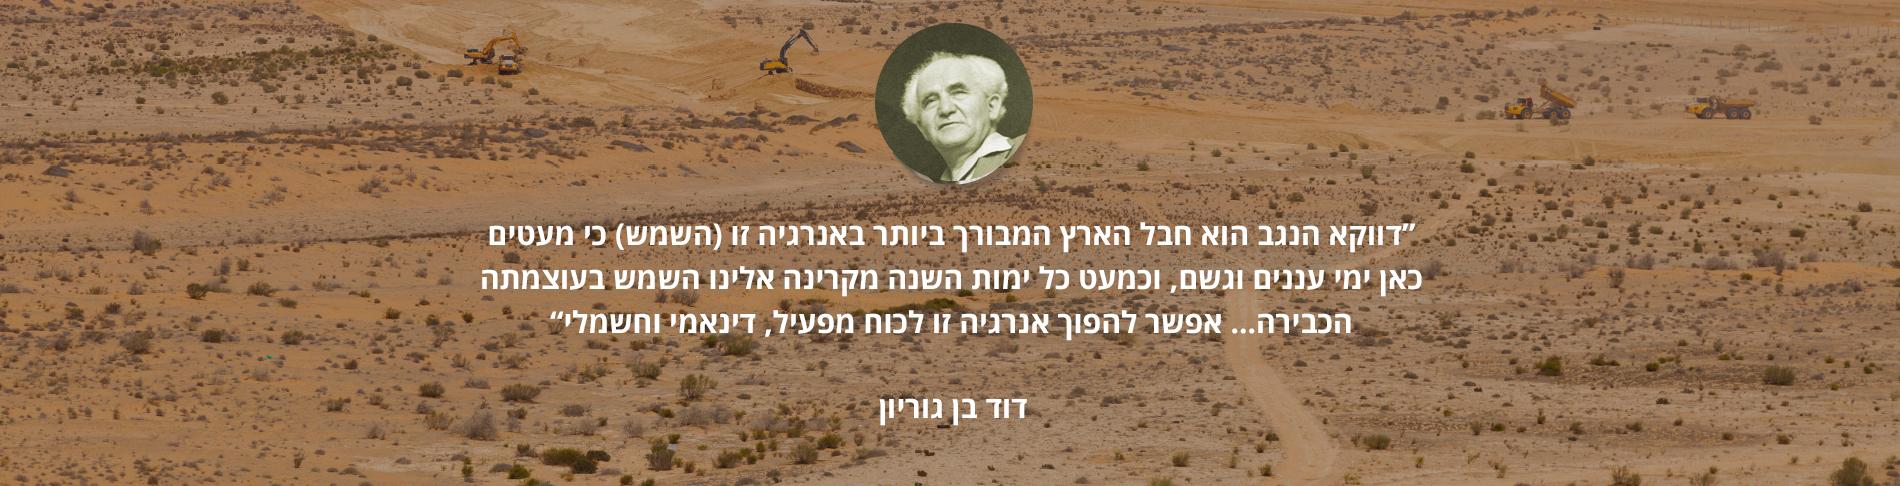 החזון של נגב אנרגיה מבוסס על דברי דוד בן גוריון